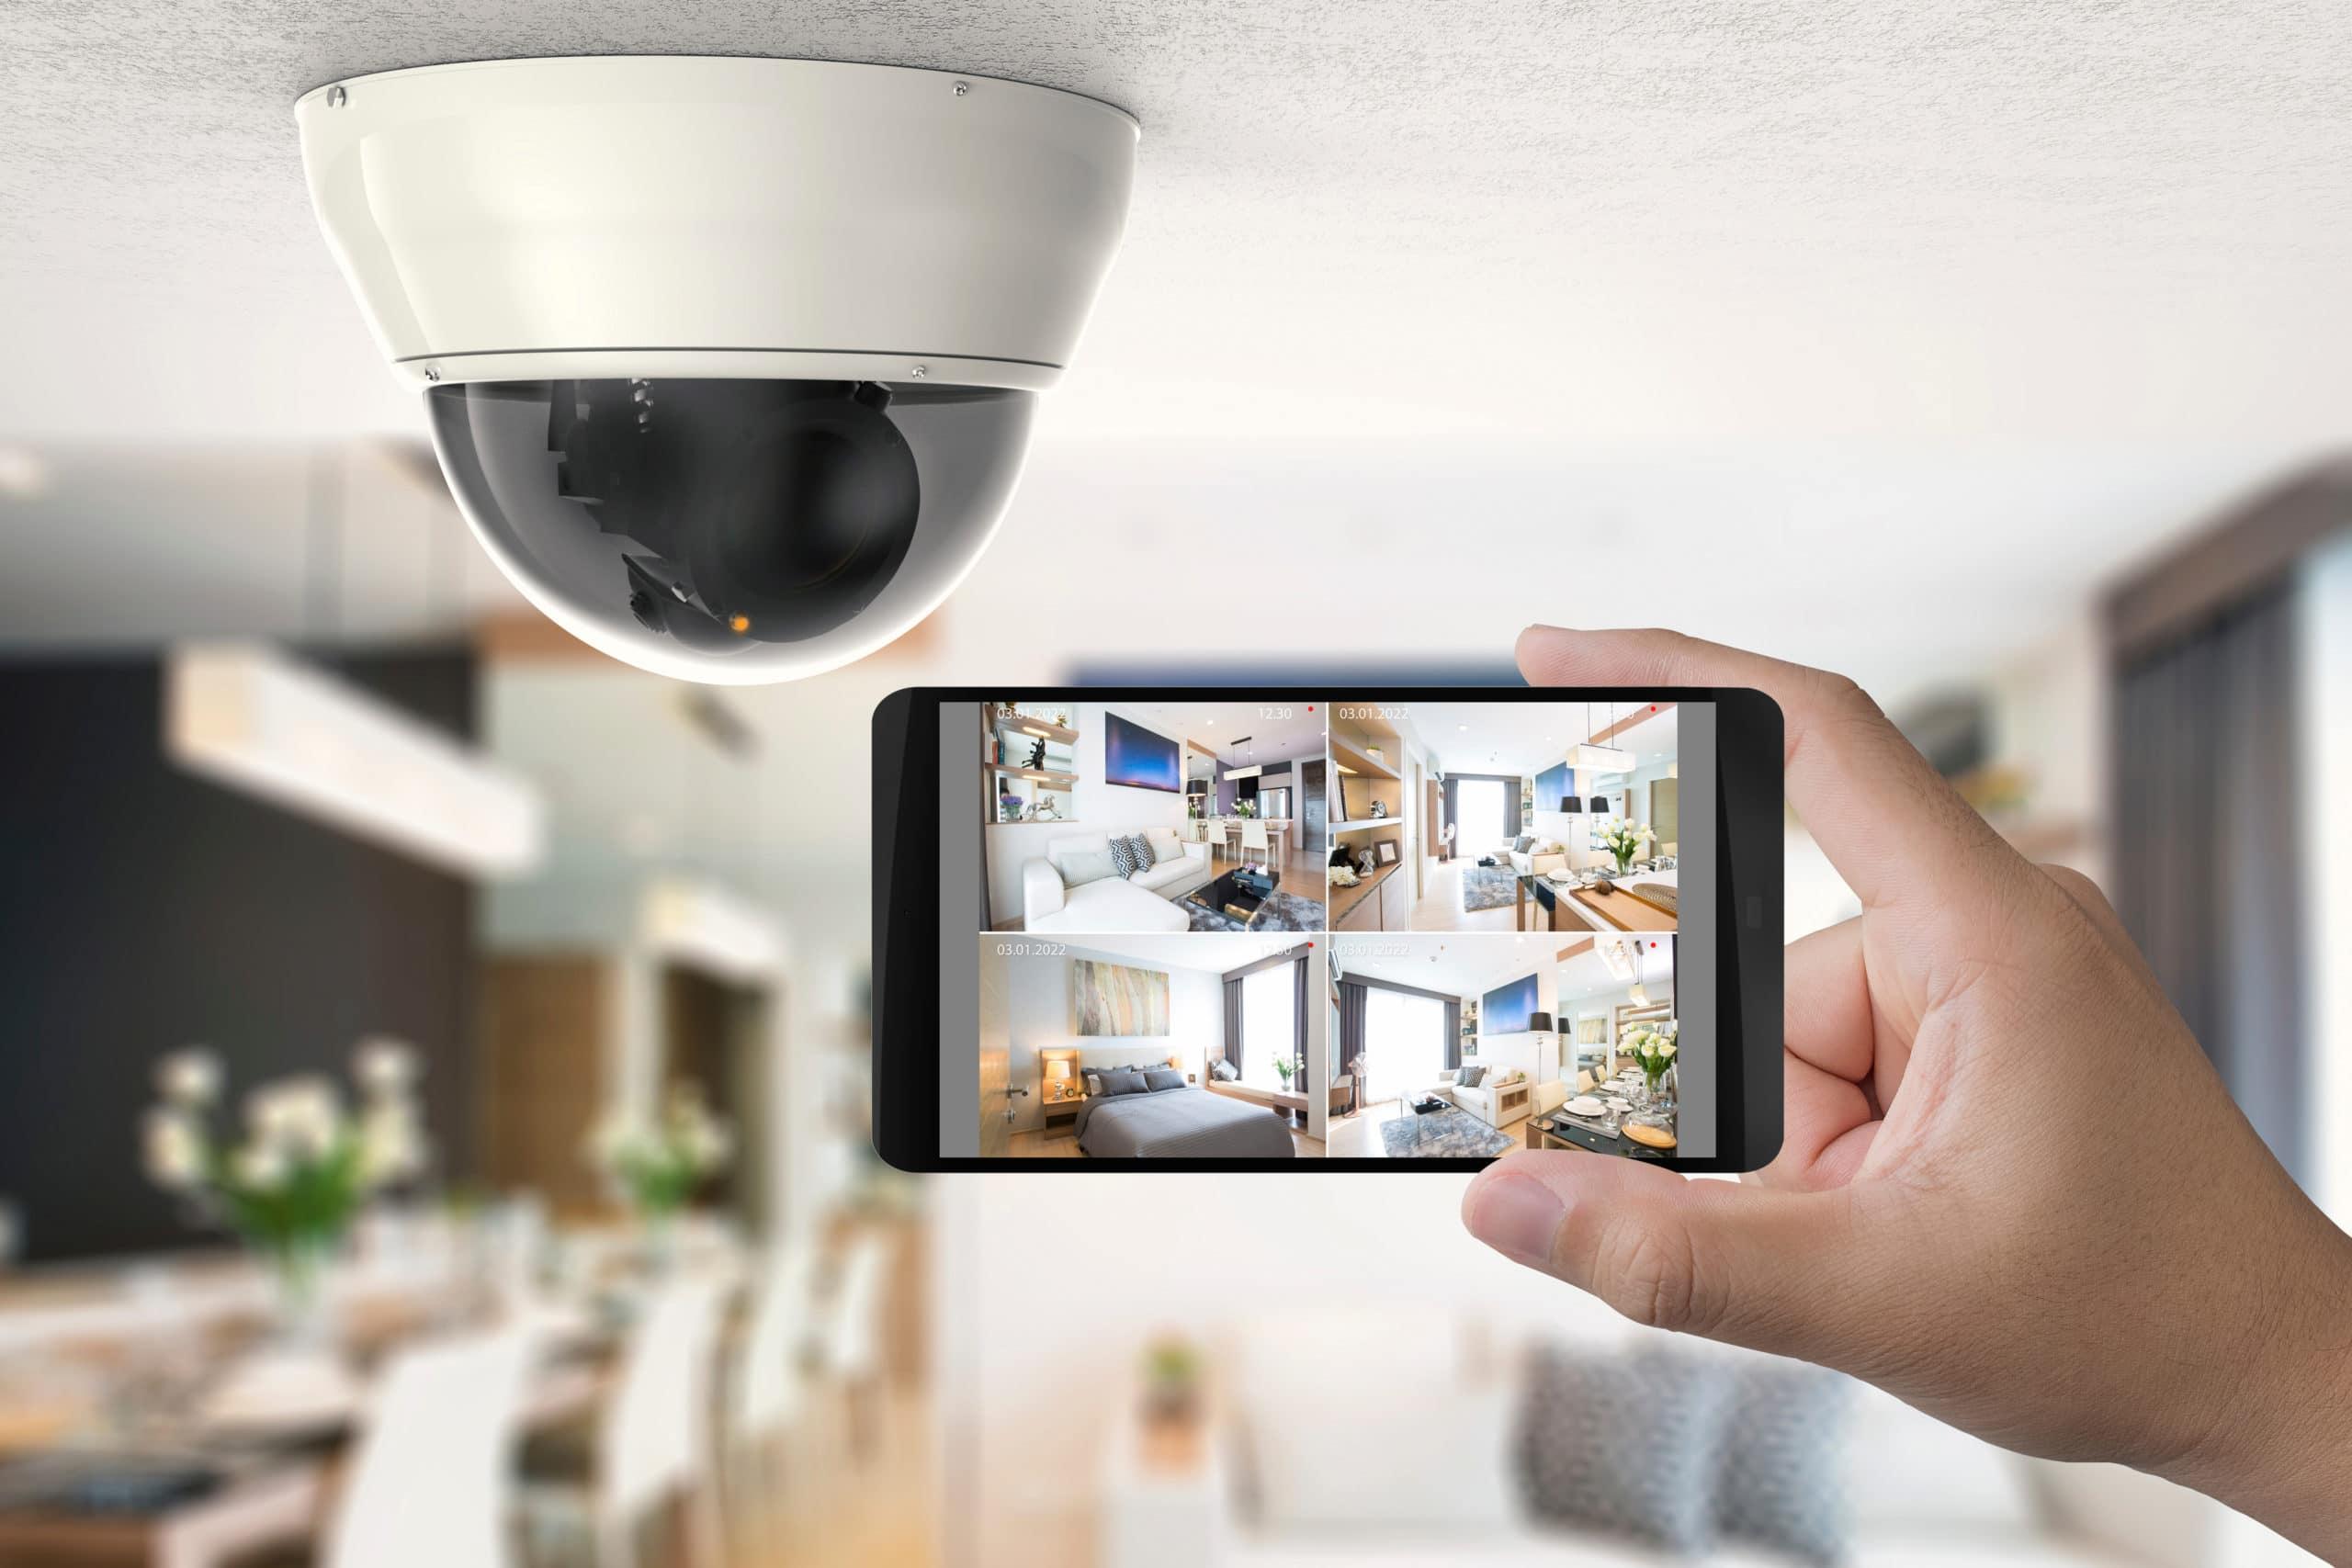 vidéo surveillance maison